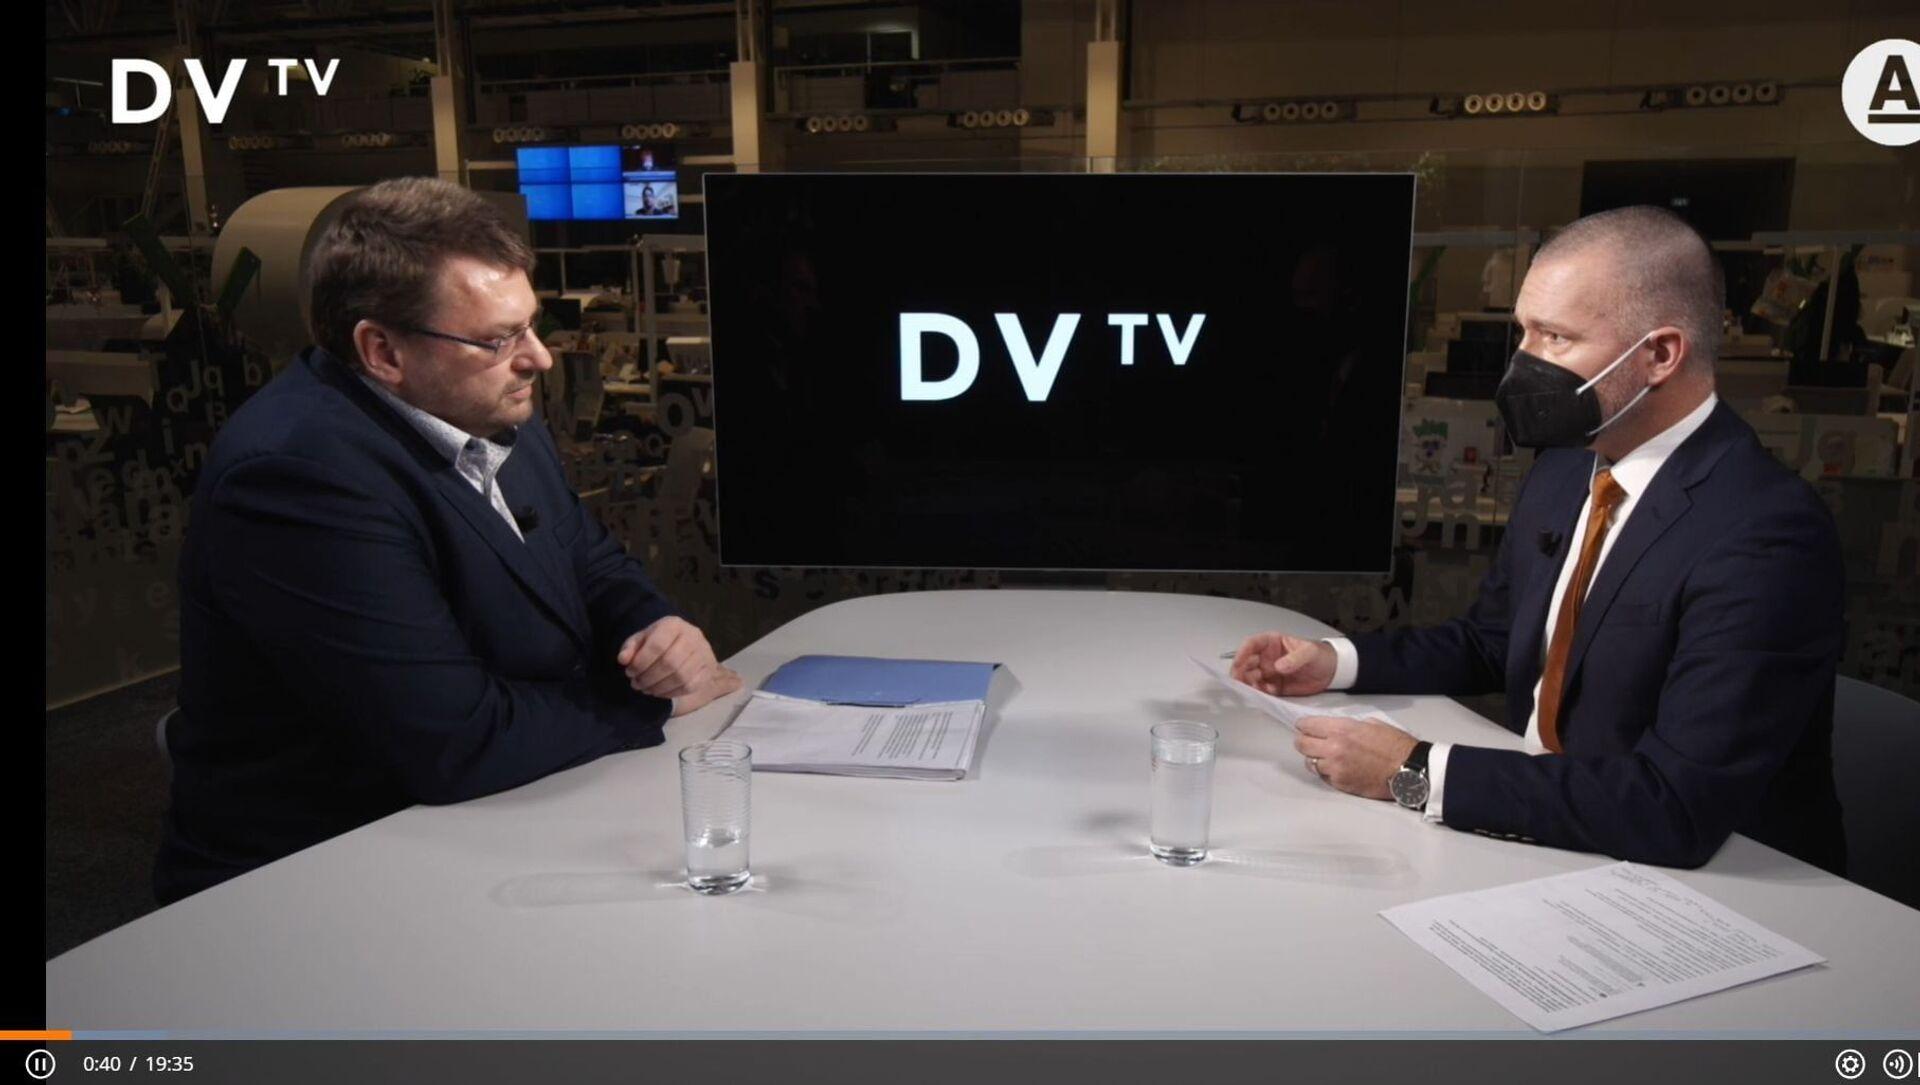 Rozhovor Volného a Veselovského. DVTV - Sputnik Česká republika, 1920, 18.02.2021